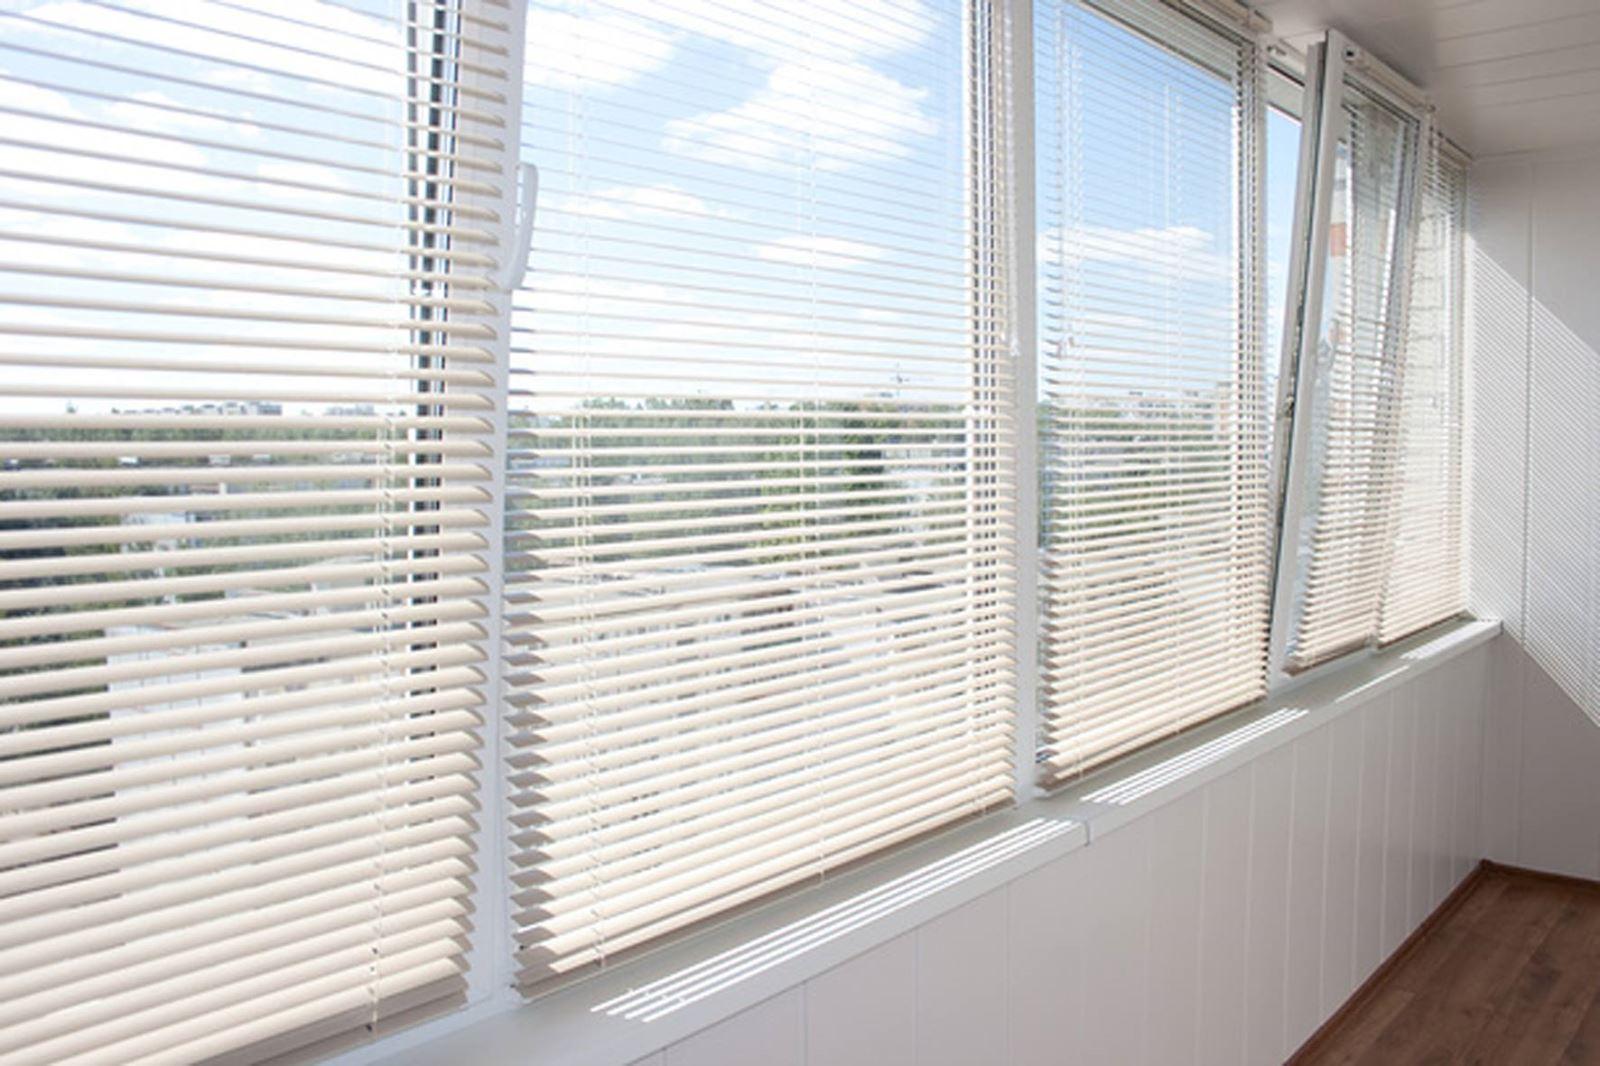 Rèm sáo nhôm dùng để chống nắng